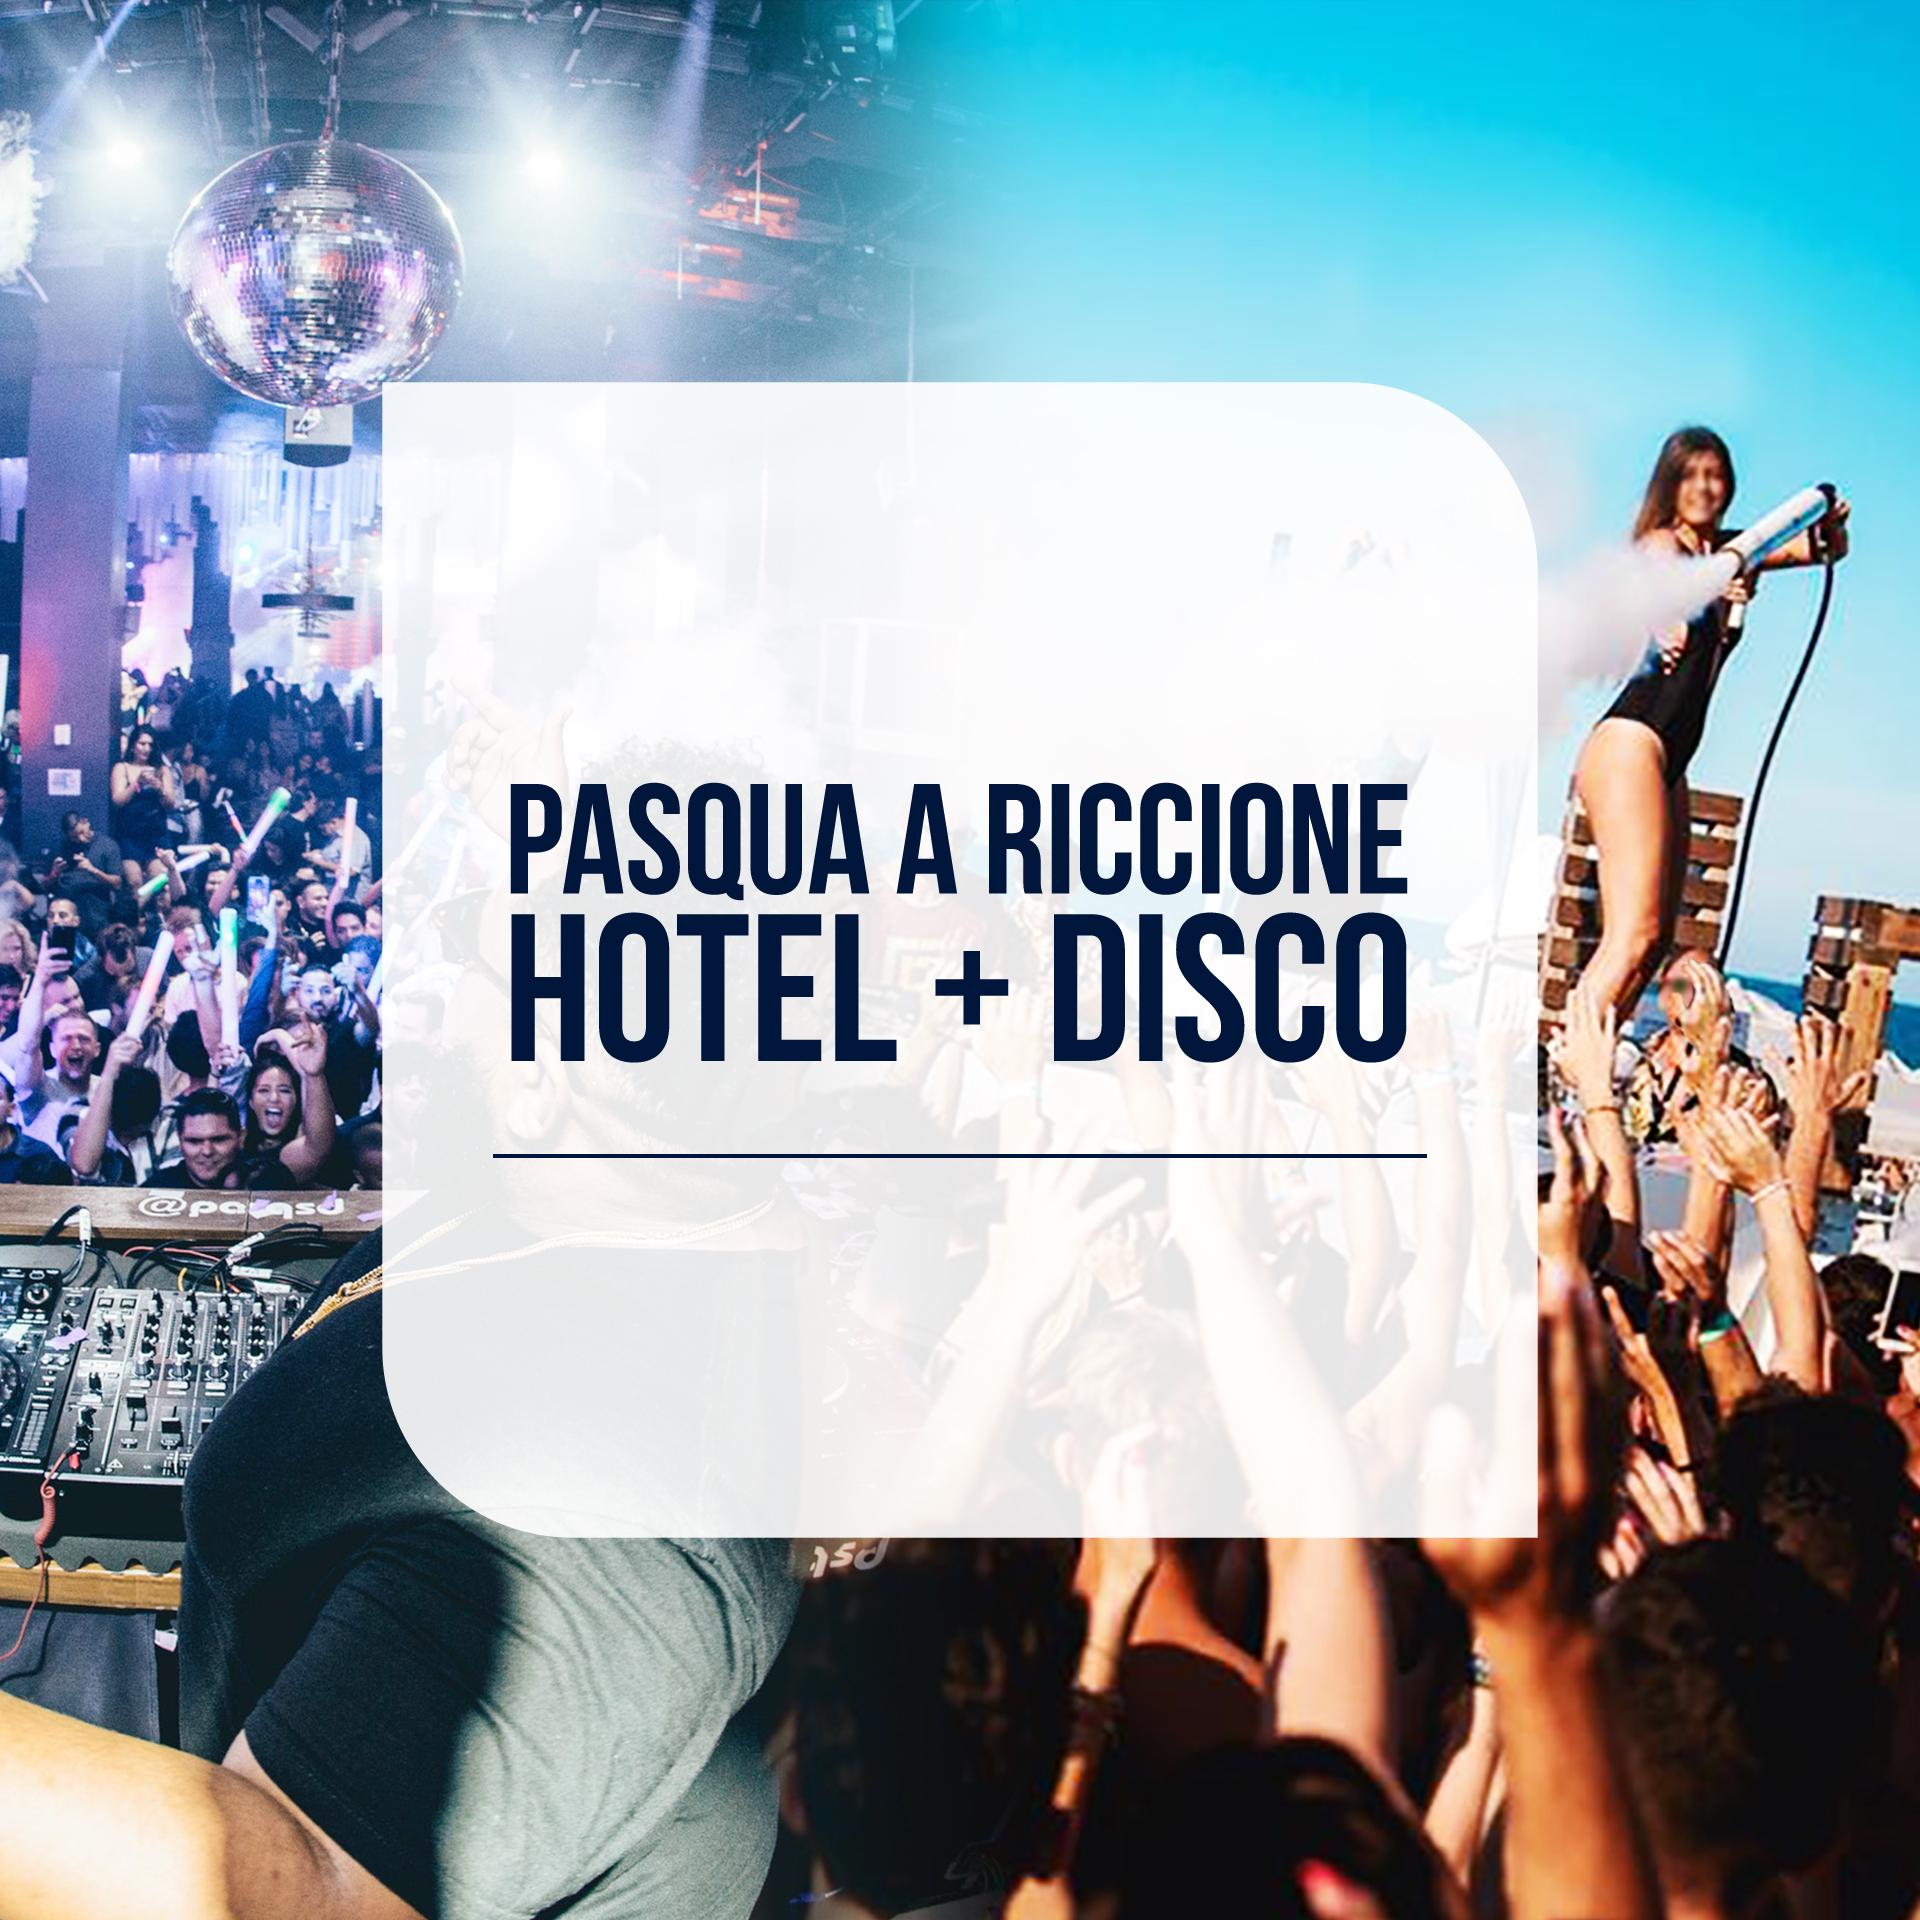 Pasqua a Riccione rimini hotel + discoteche